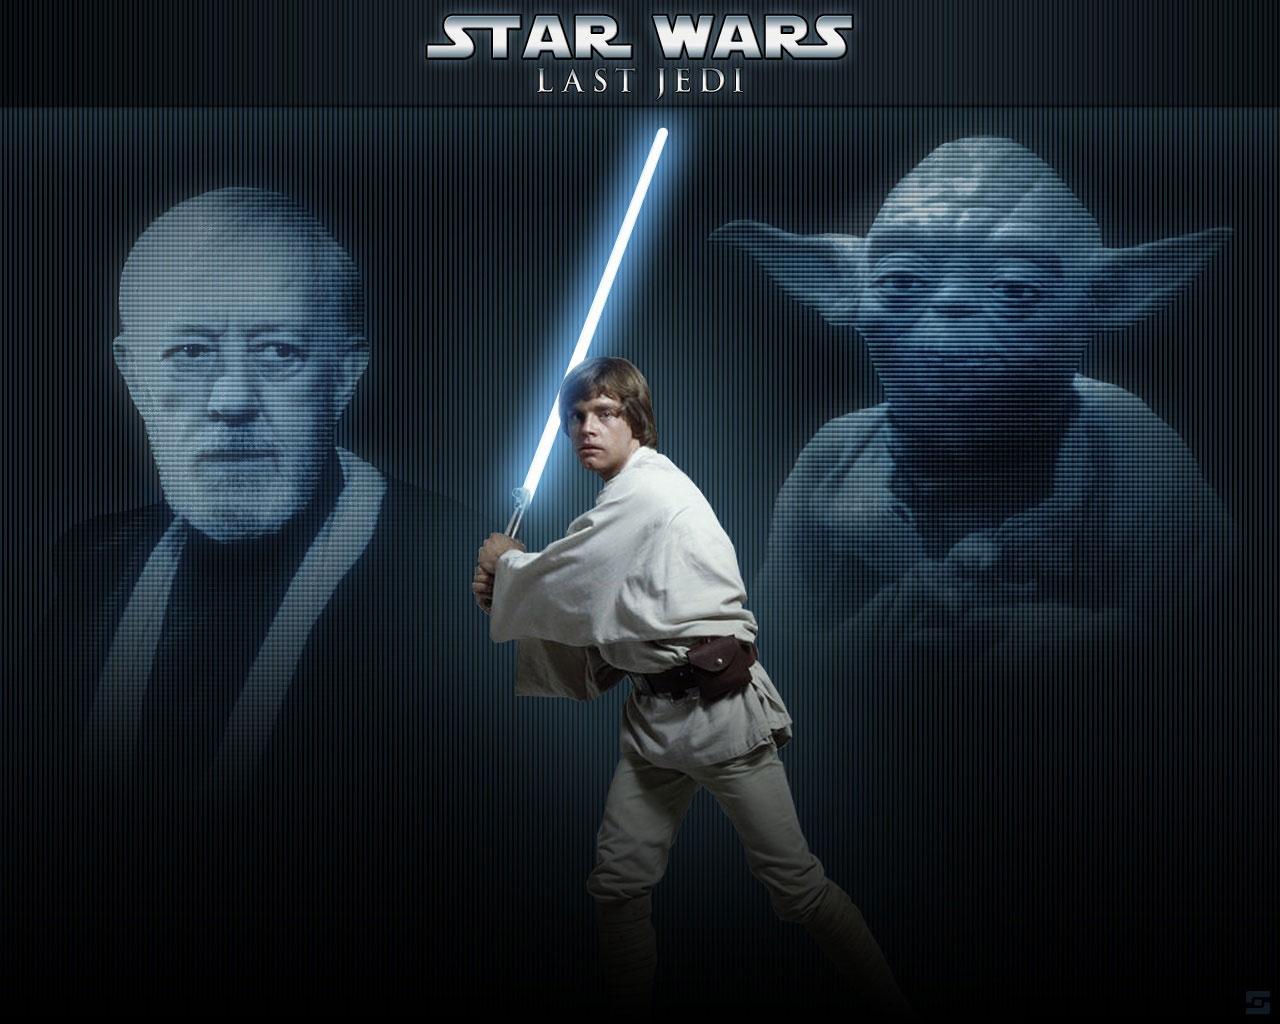 Yoda Obi Wan Kenobi Luke Skywalker 1280x1024